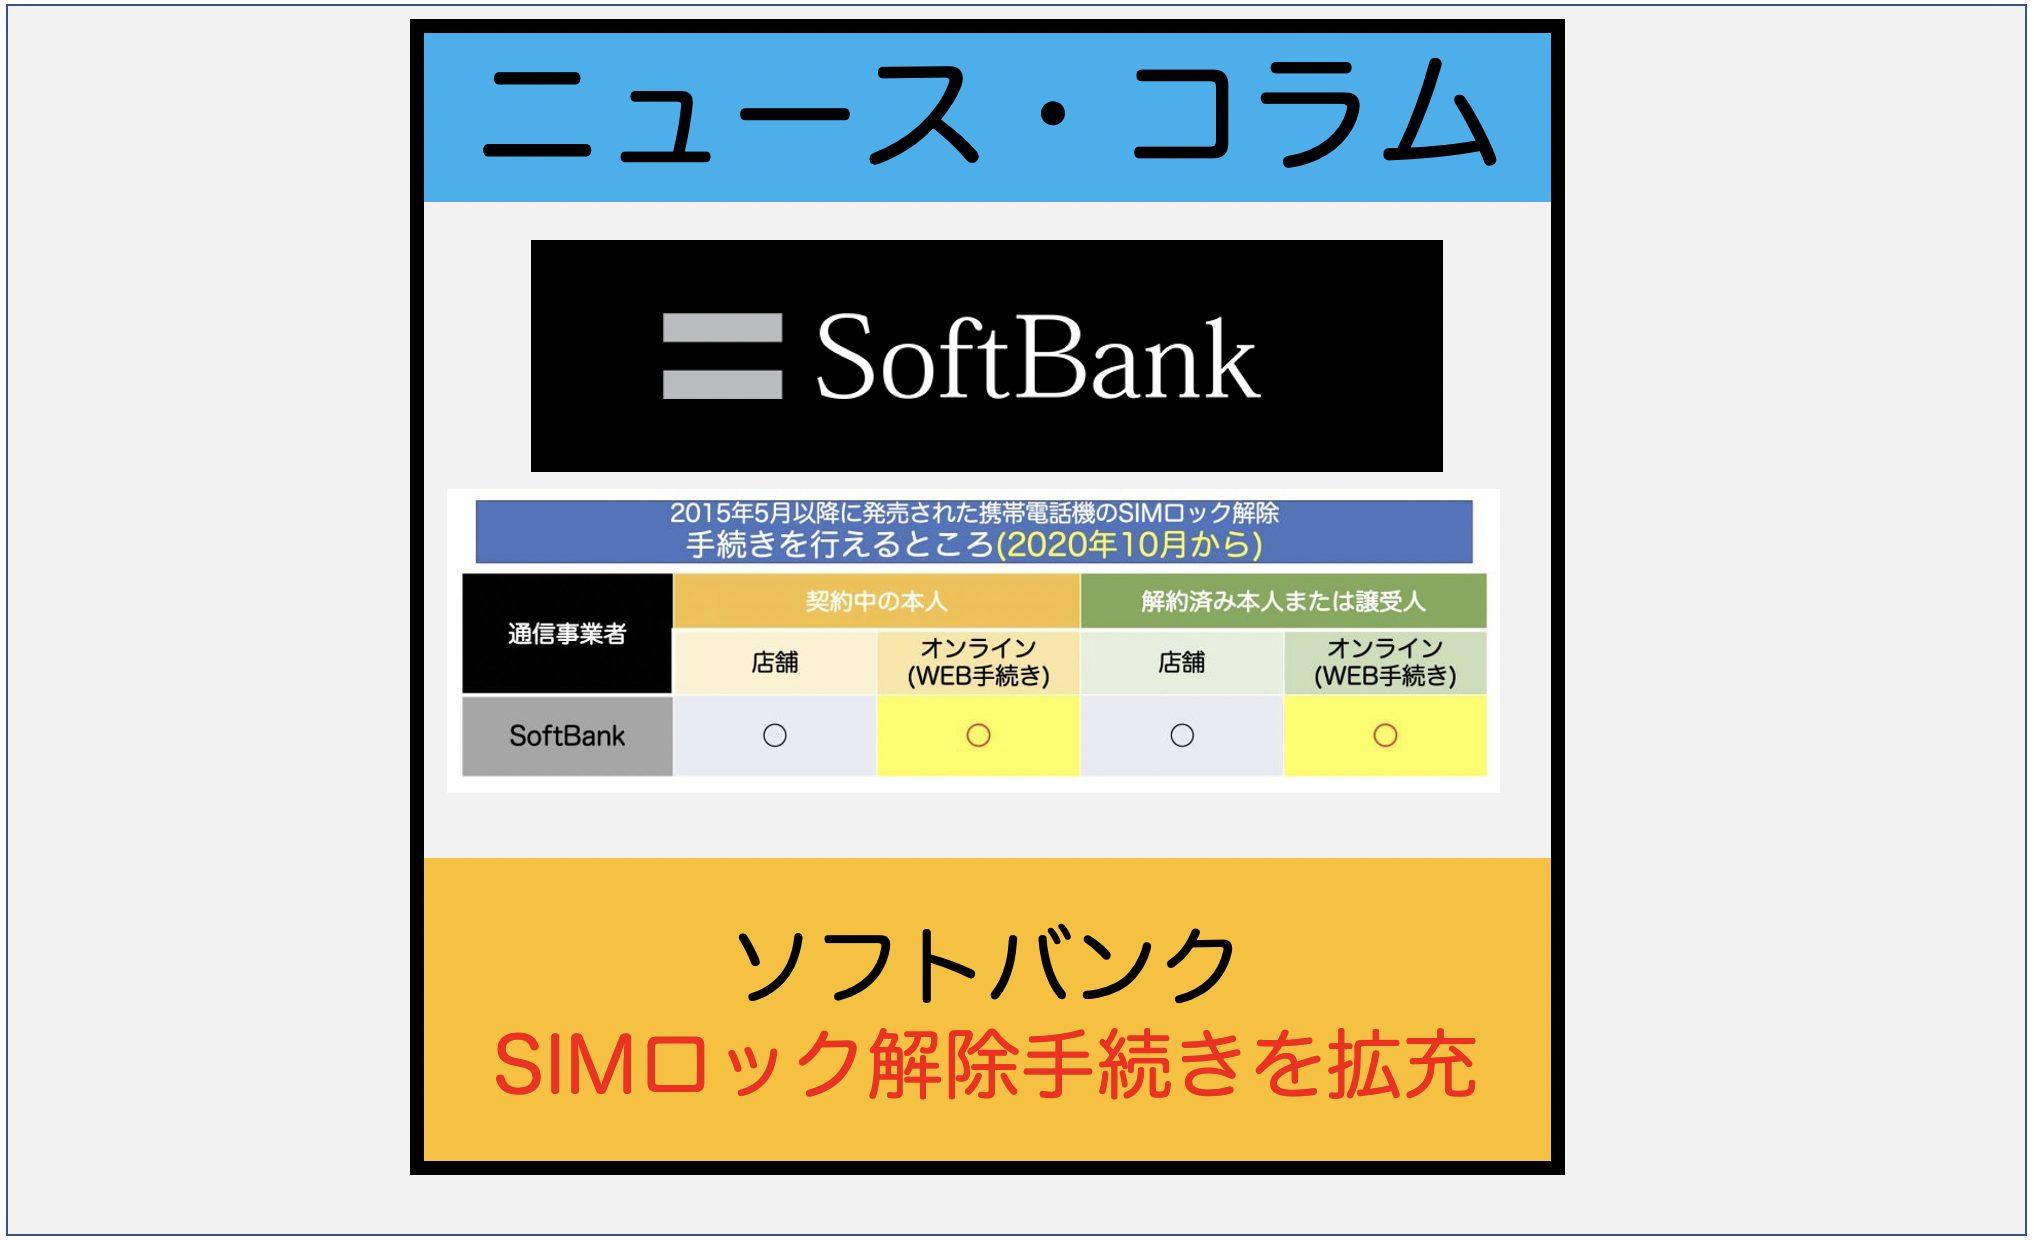 解除 sim ソフトバンク ロック